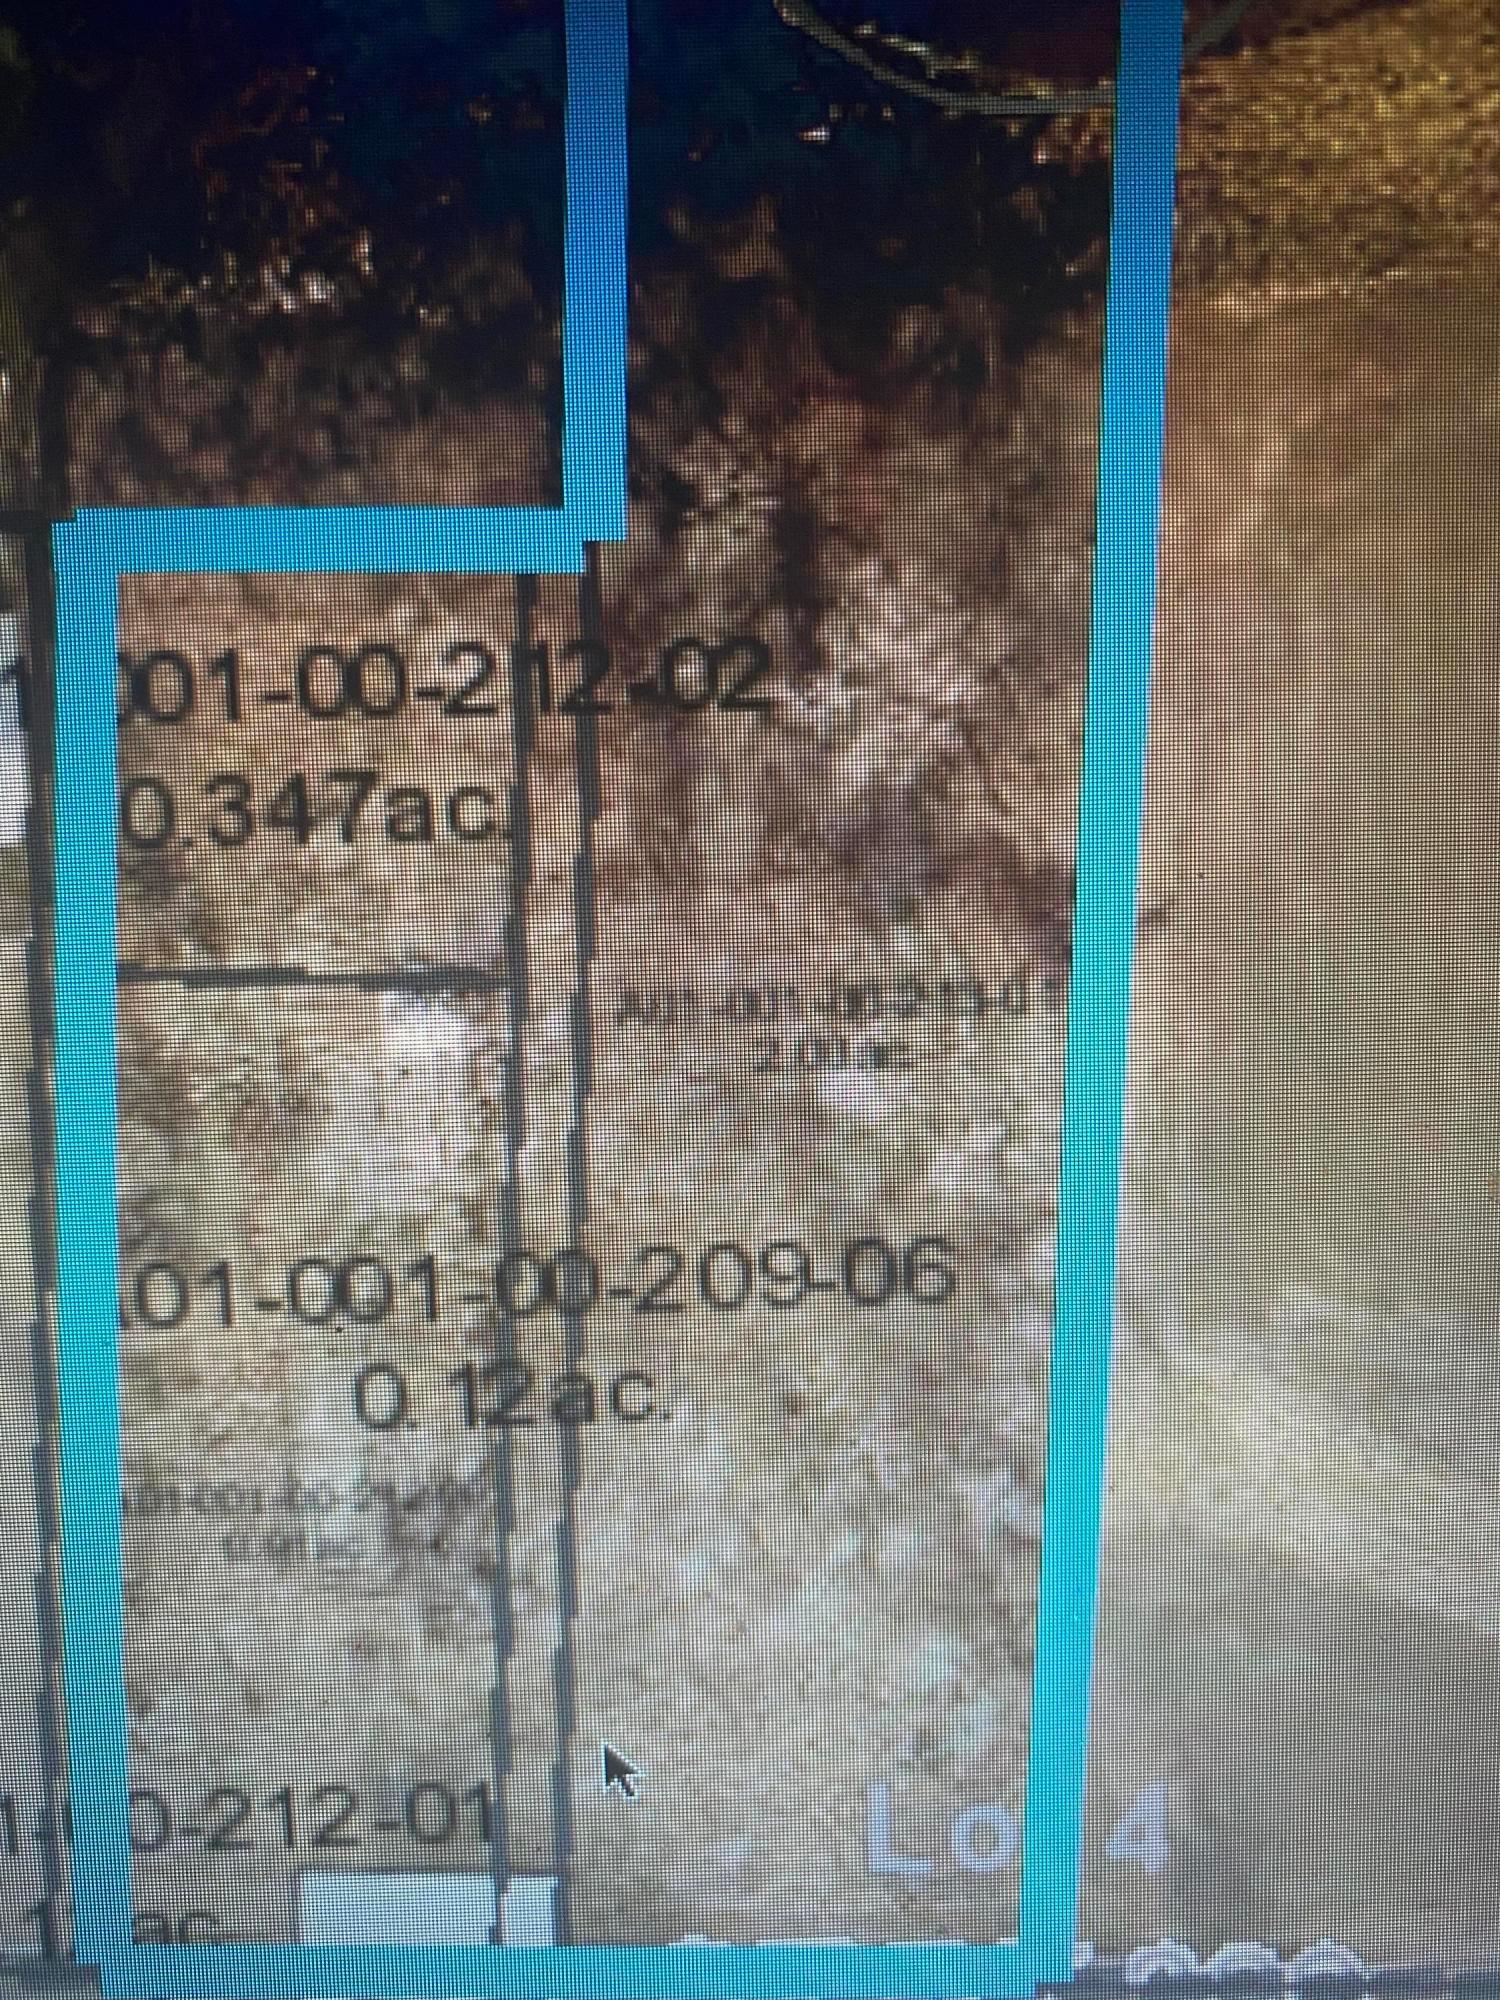 9D73E5BB-3DDE-46D7-ACAA-020B59CFFD49